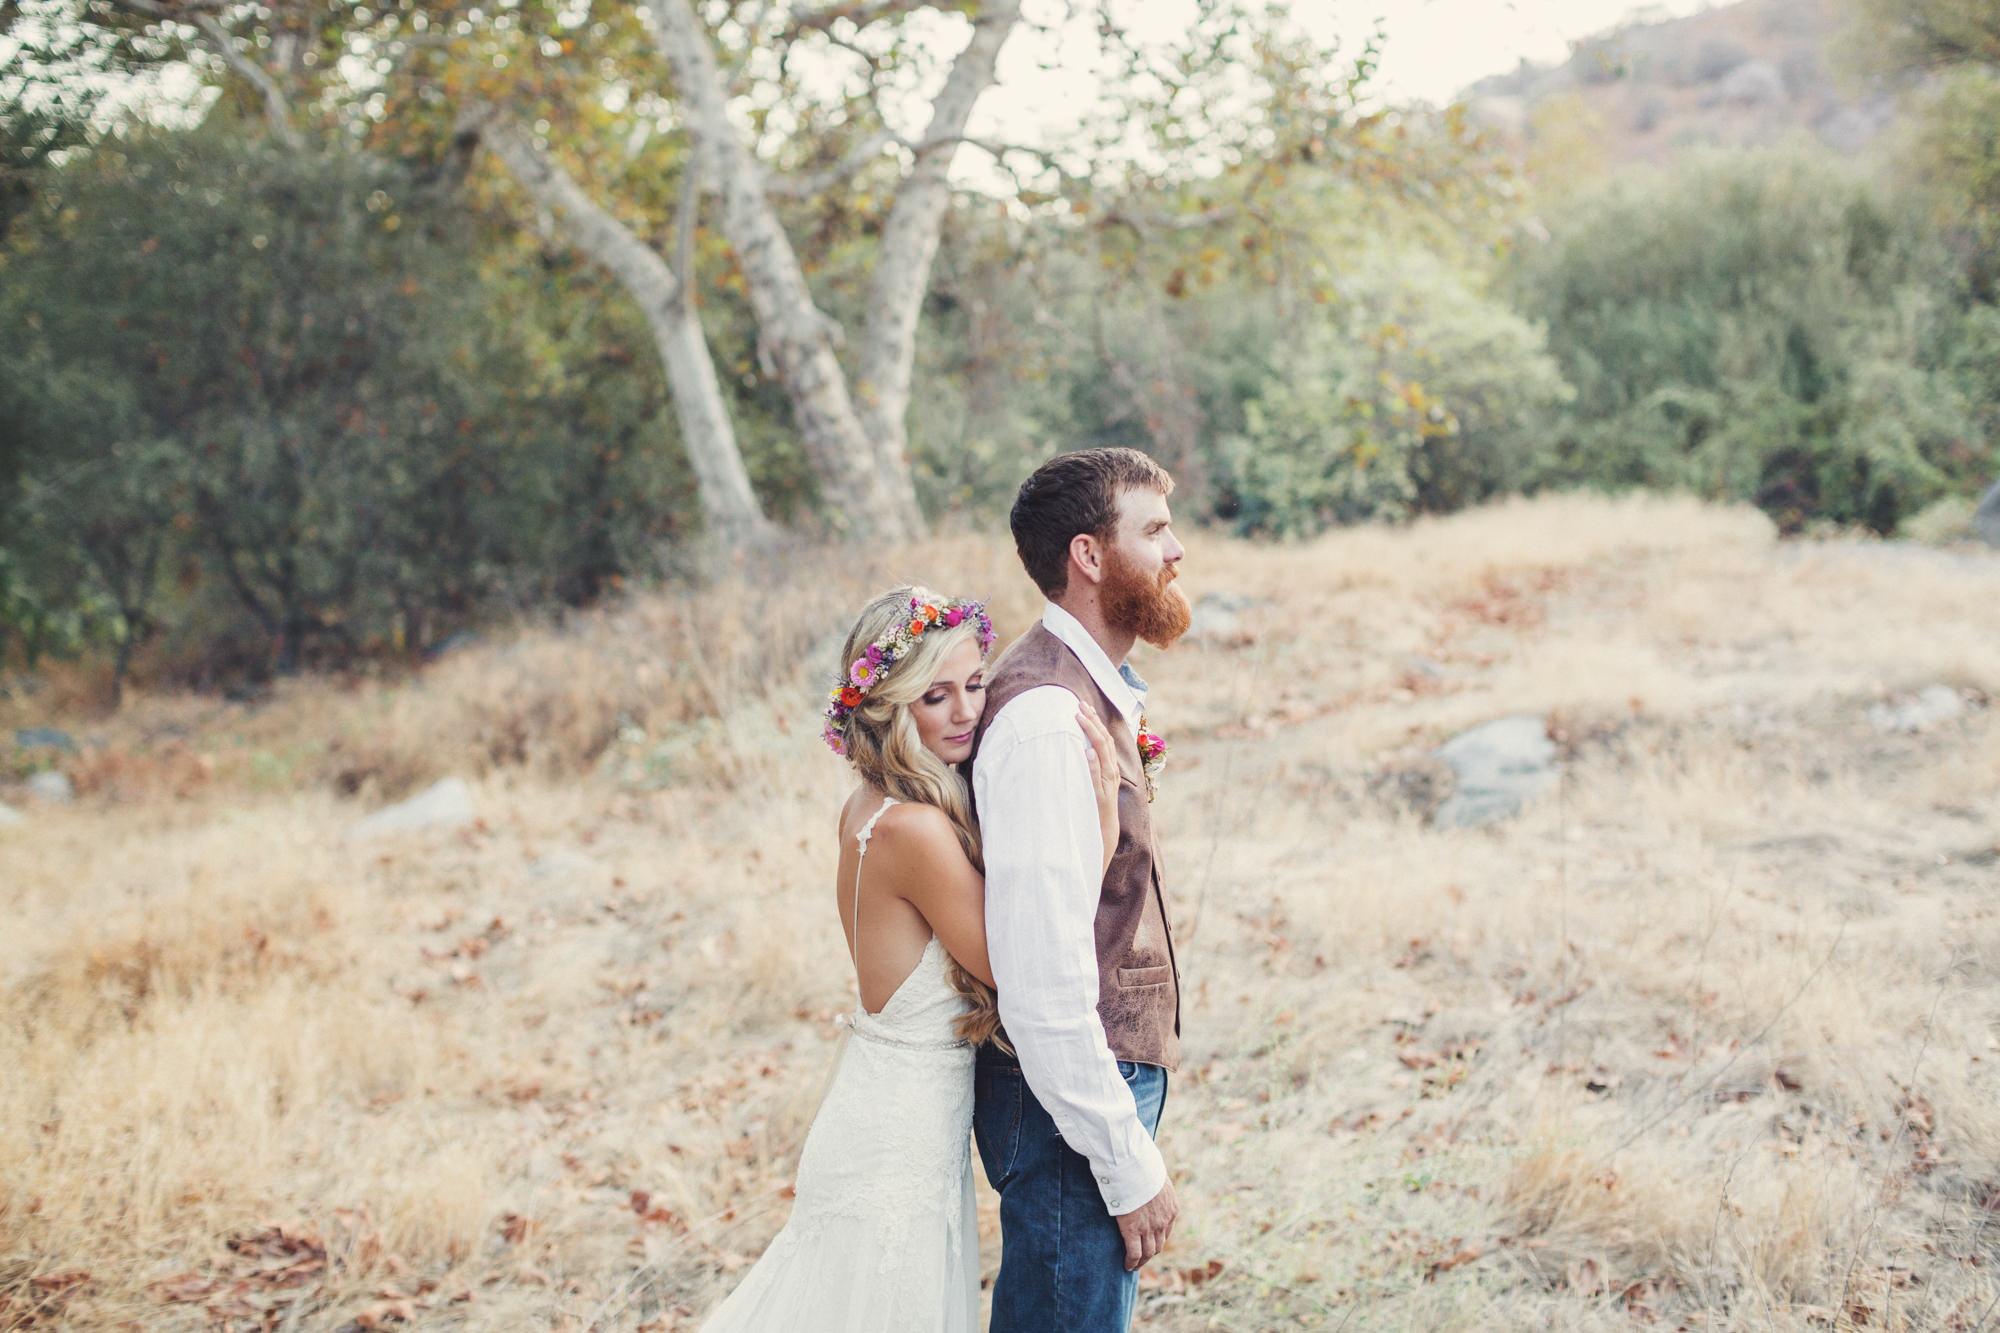 Rustic wedding in California ©Anne-Claire Brun 80